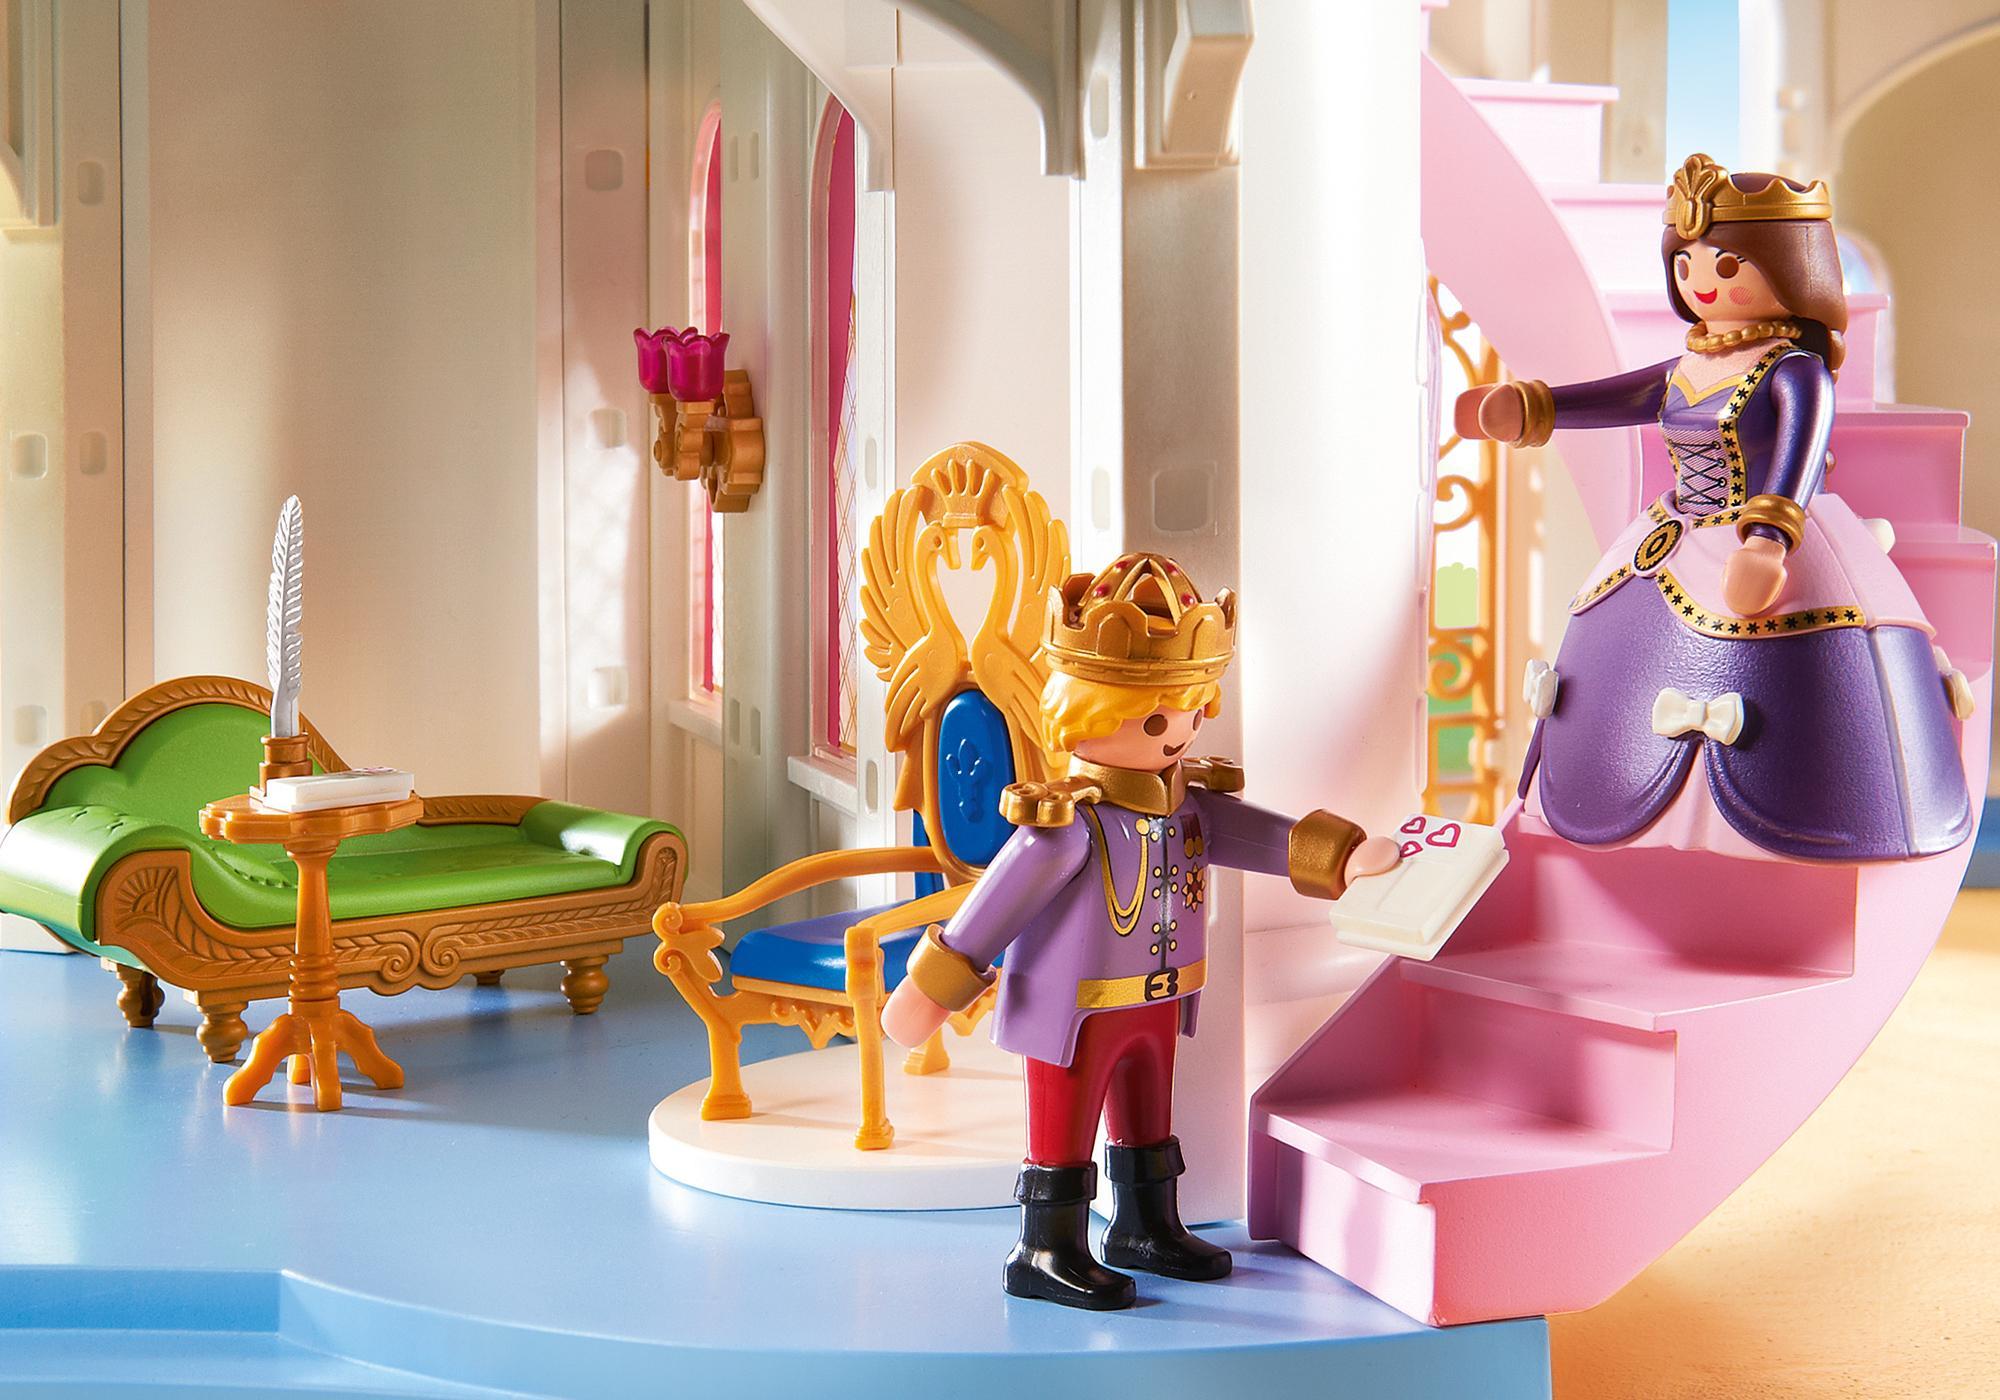 http://media.playmobil.com/i/playmobil/6848_product_extra1/Grand château de princesse